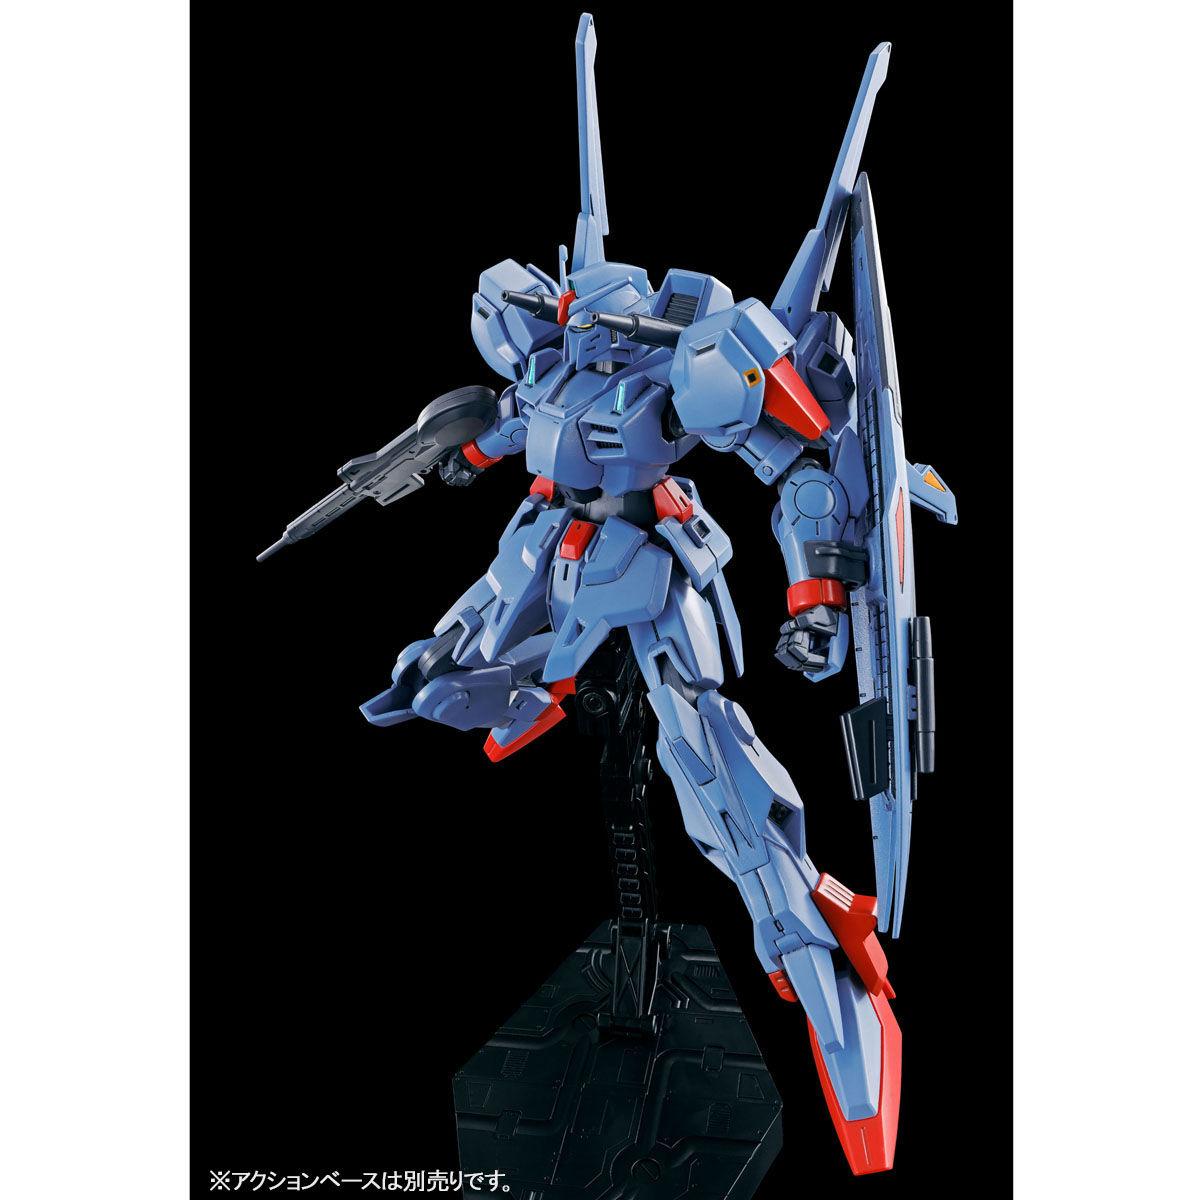 【限定販売】【2次】HG 1/144『ガンダムMk-III』Ζ-MSV プラモデル-006